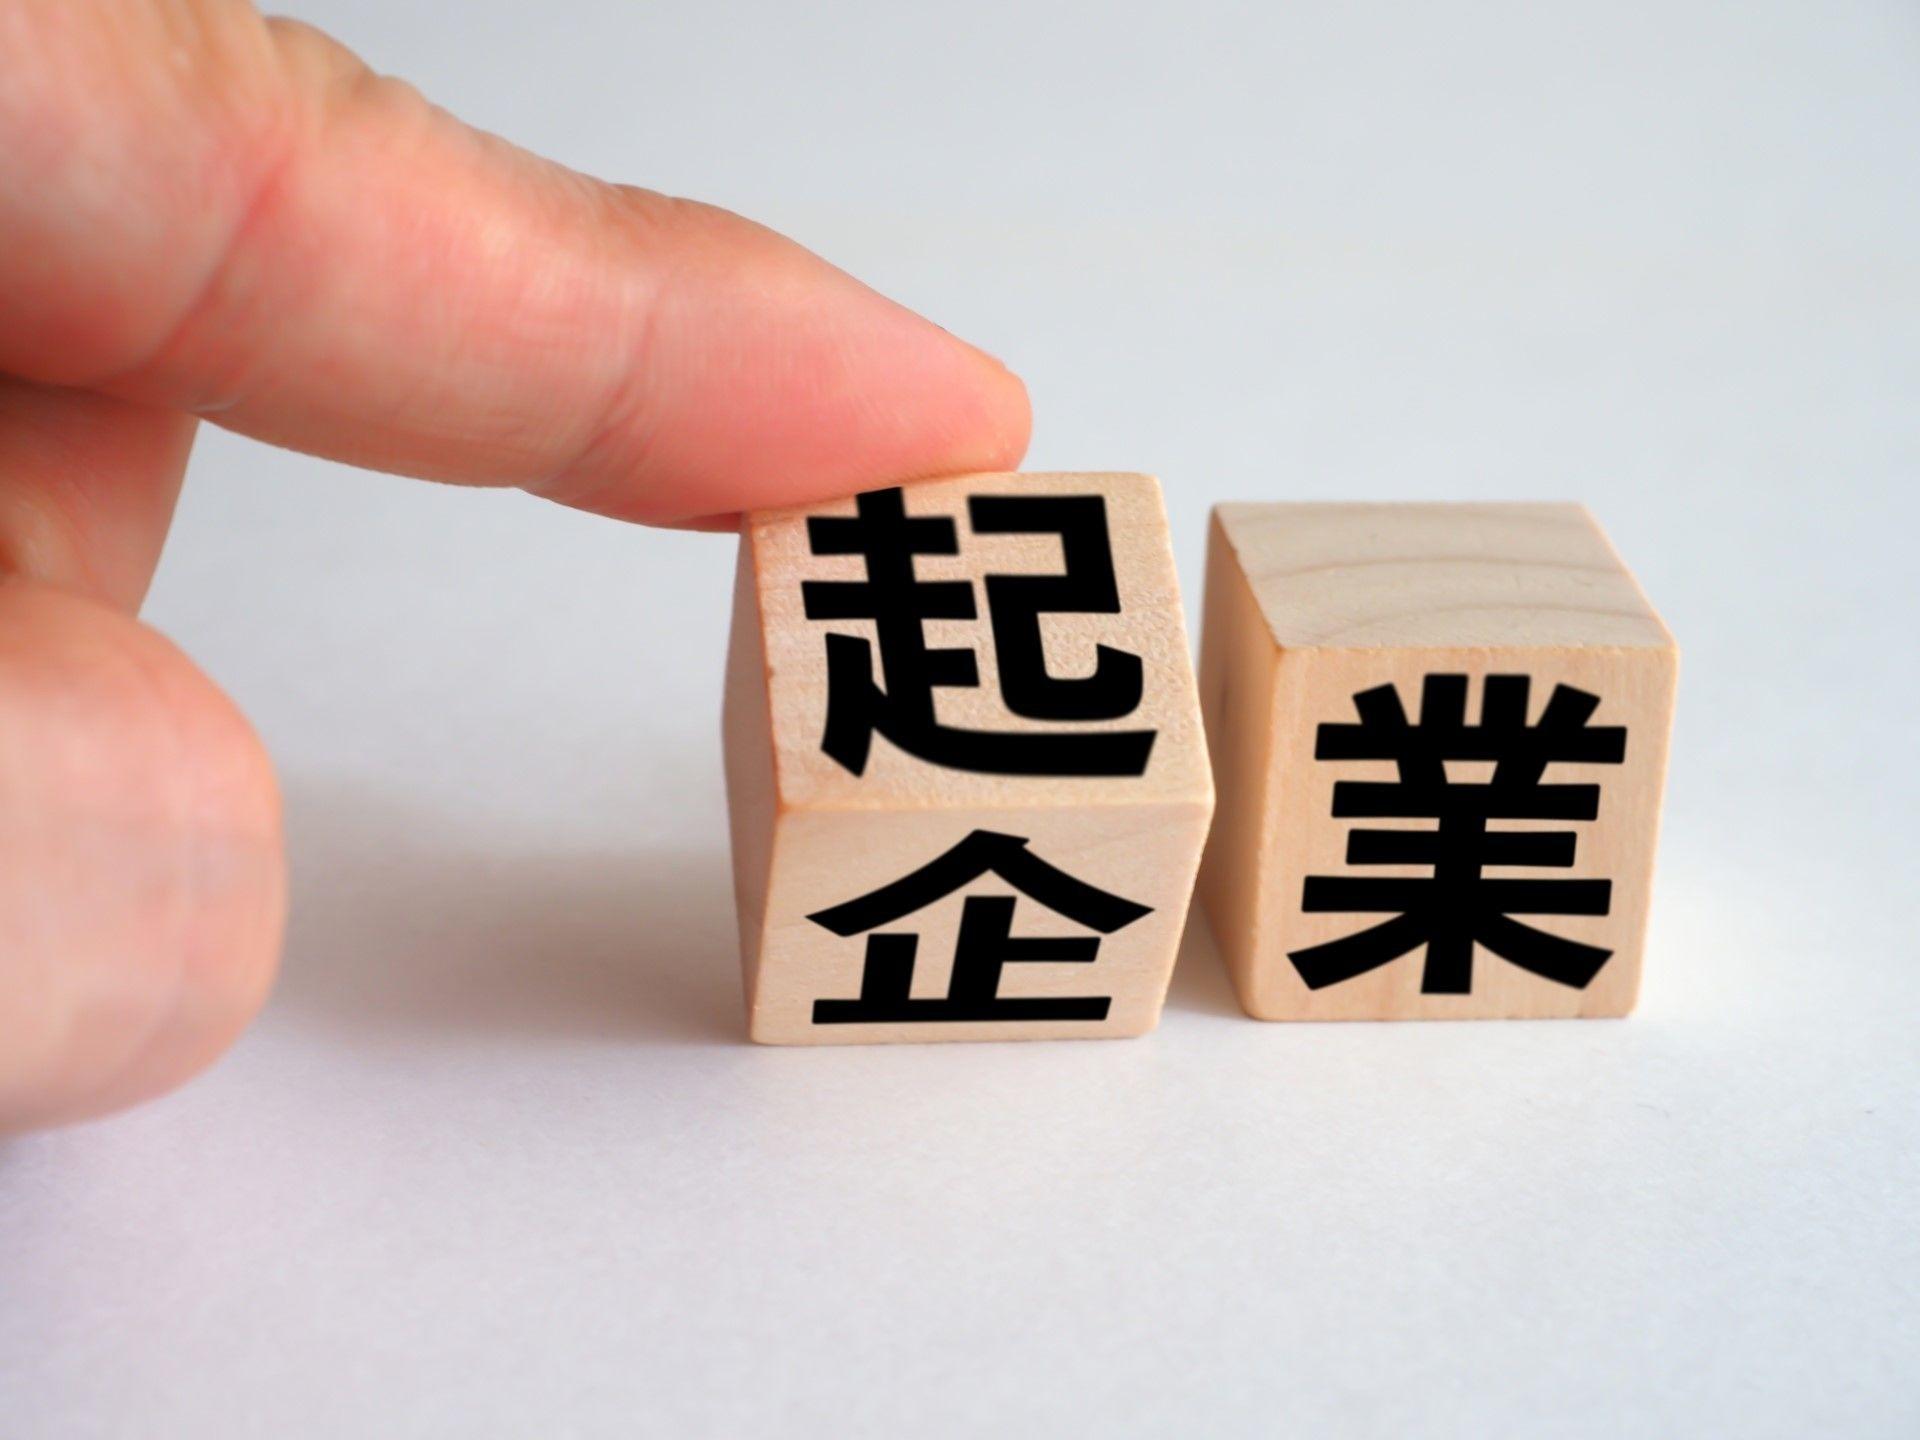 【中小企業のM&A】個人M&Aの成功確率をどうやって高めるか?